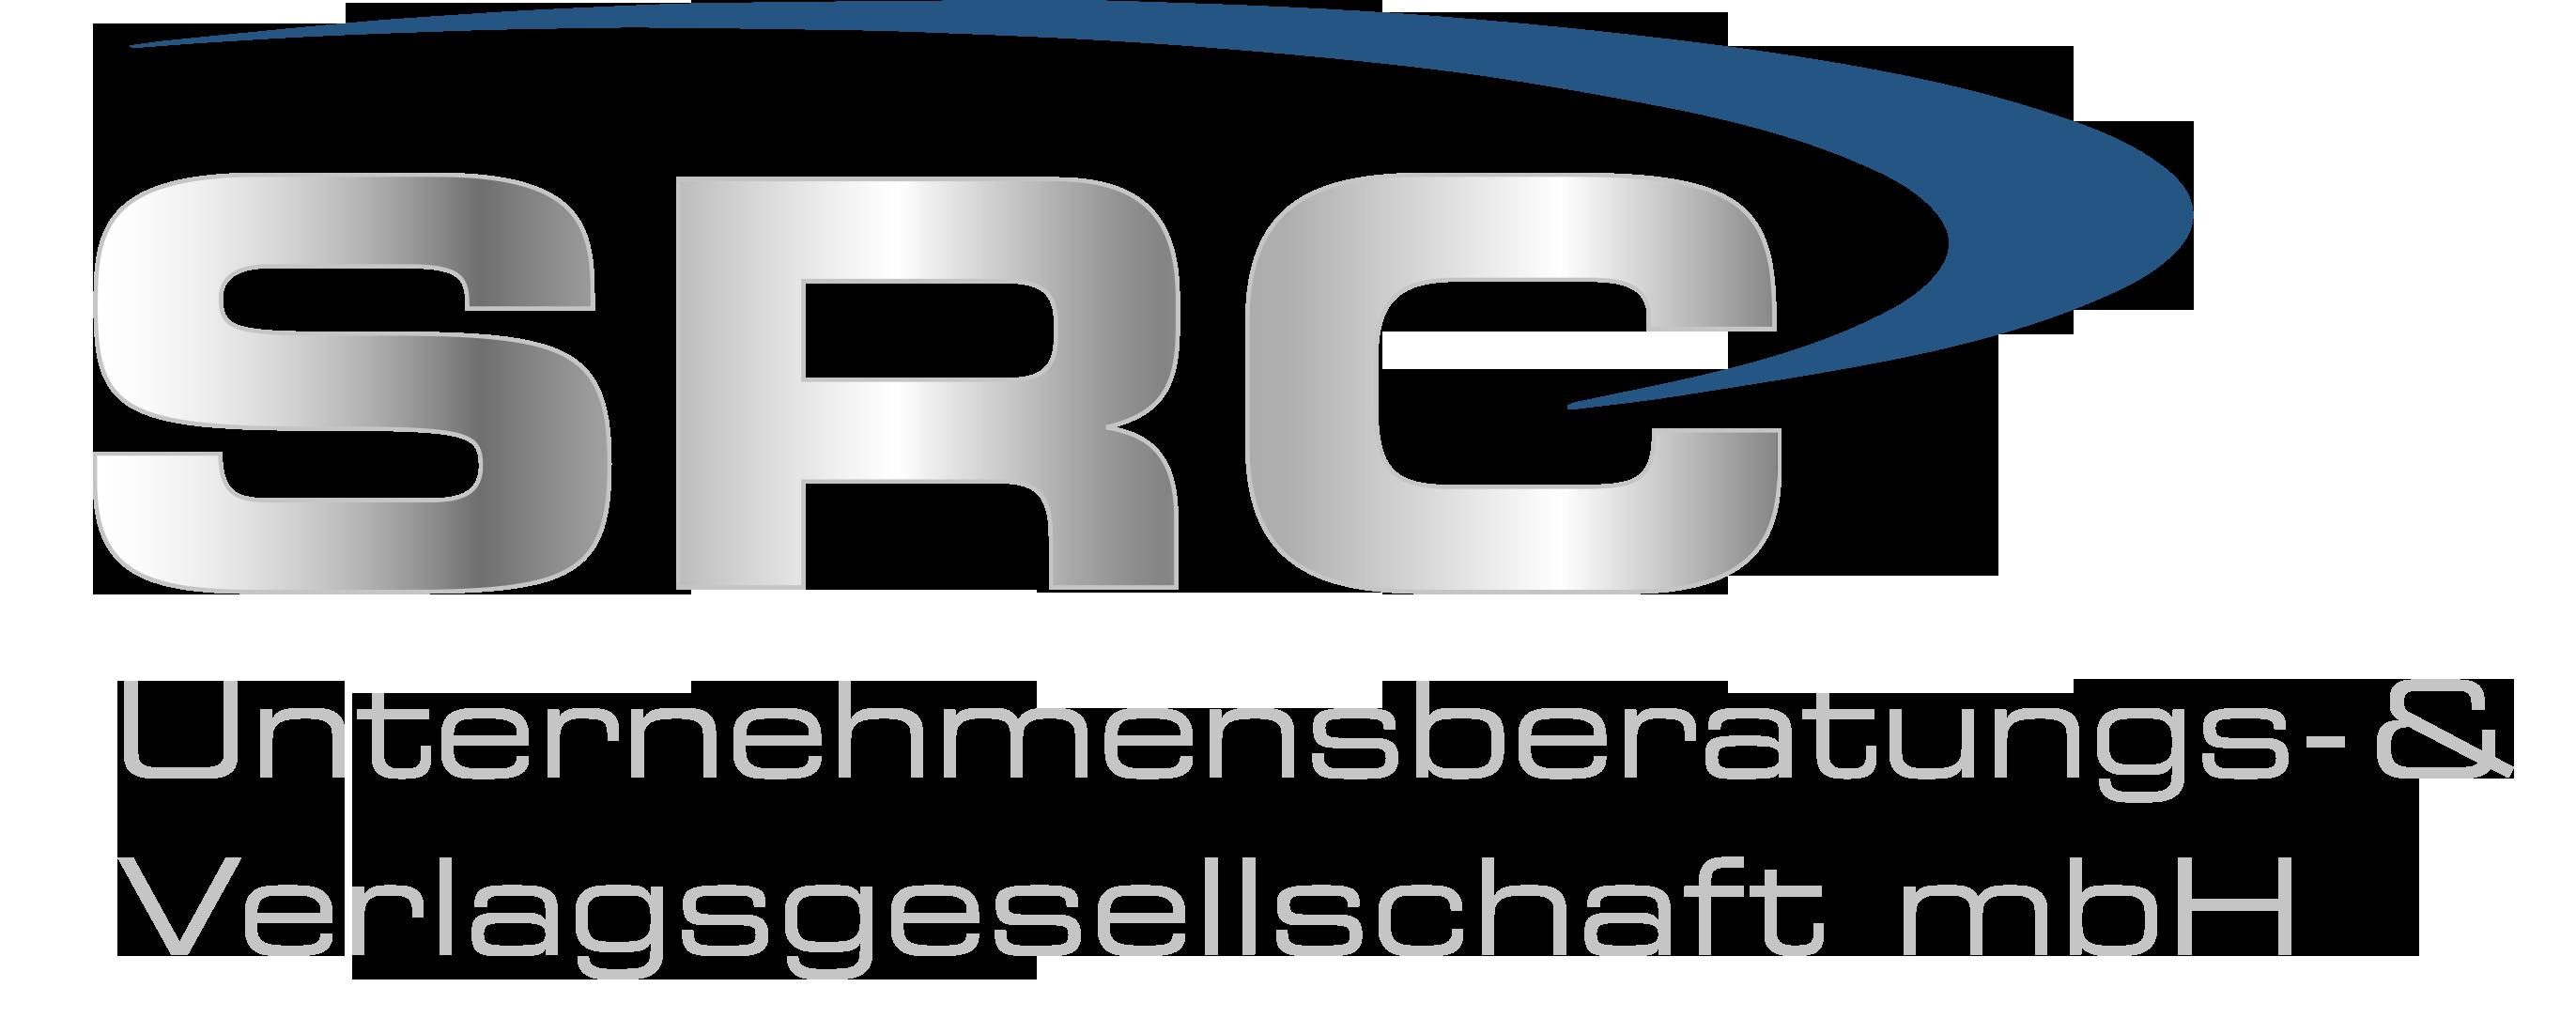 effektive-verkaufsförderung.de